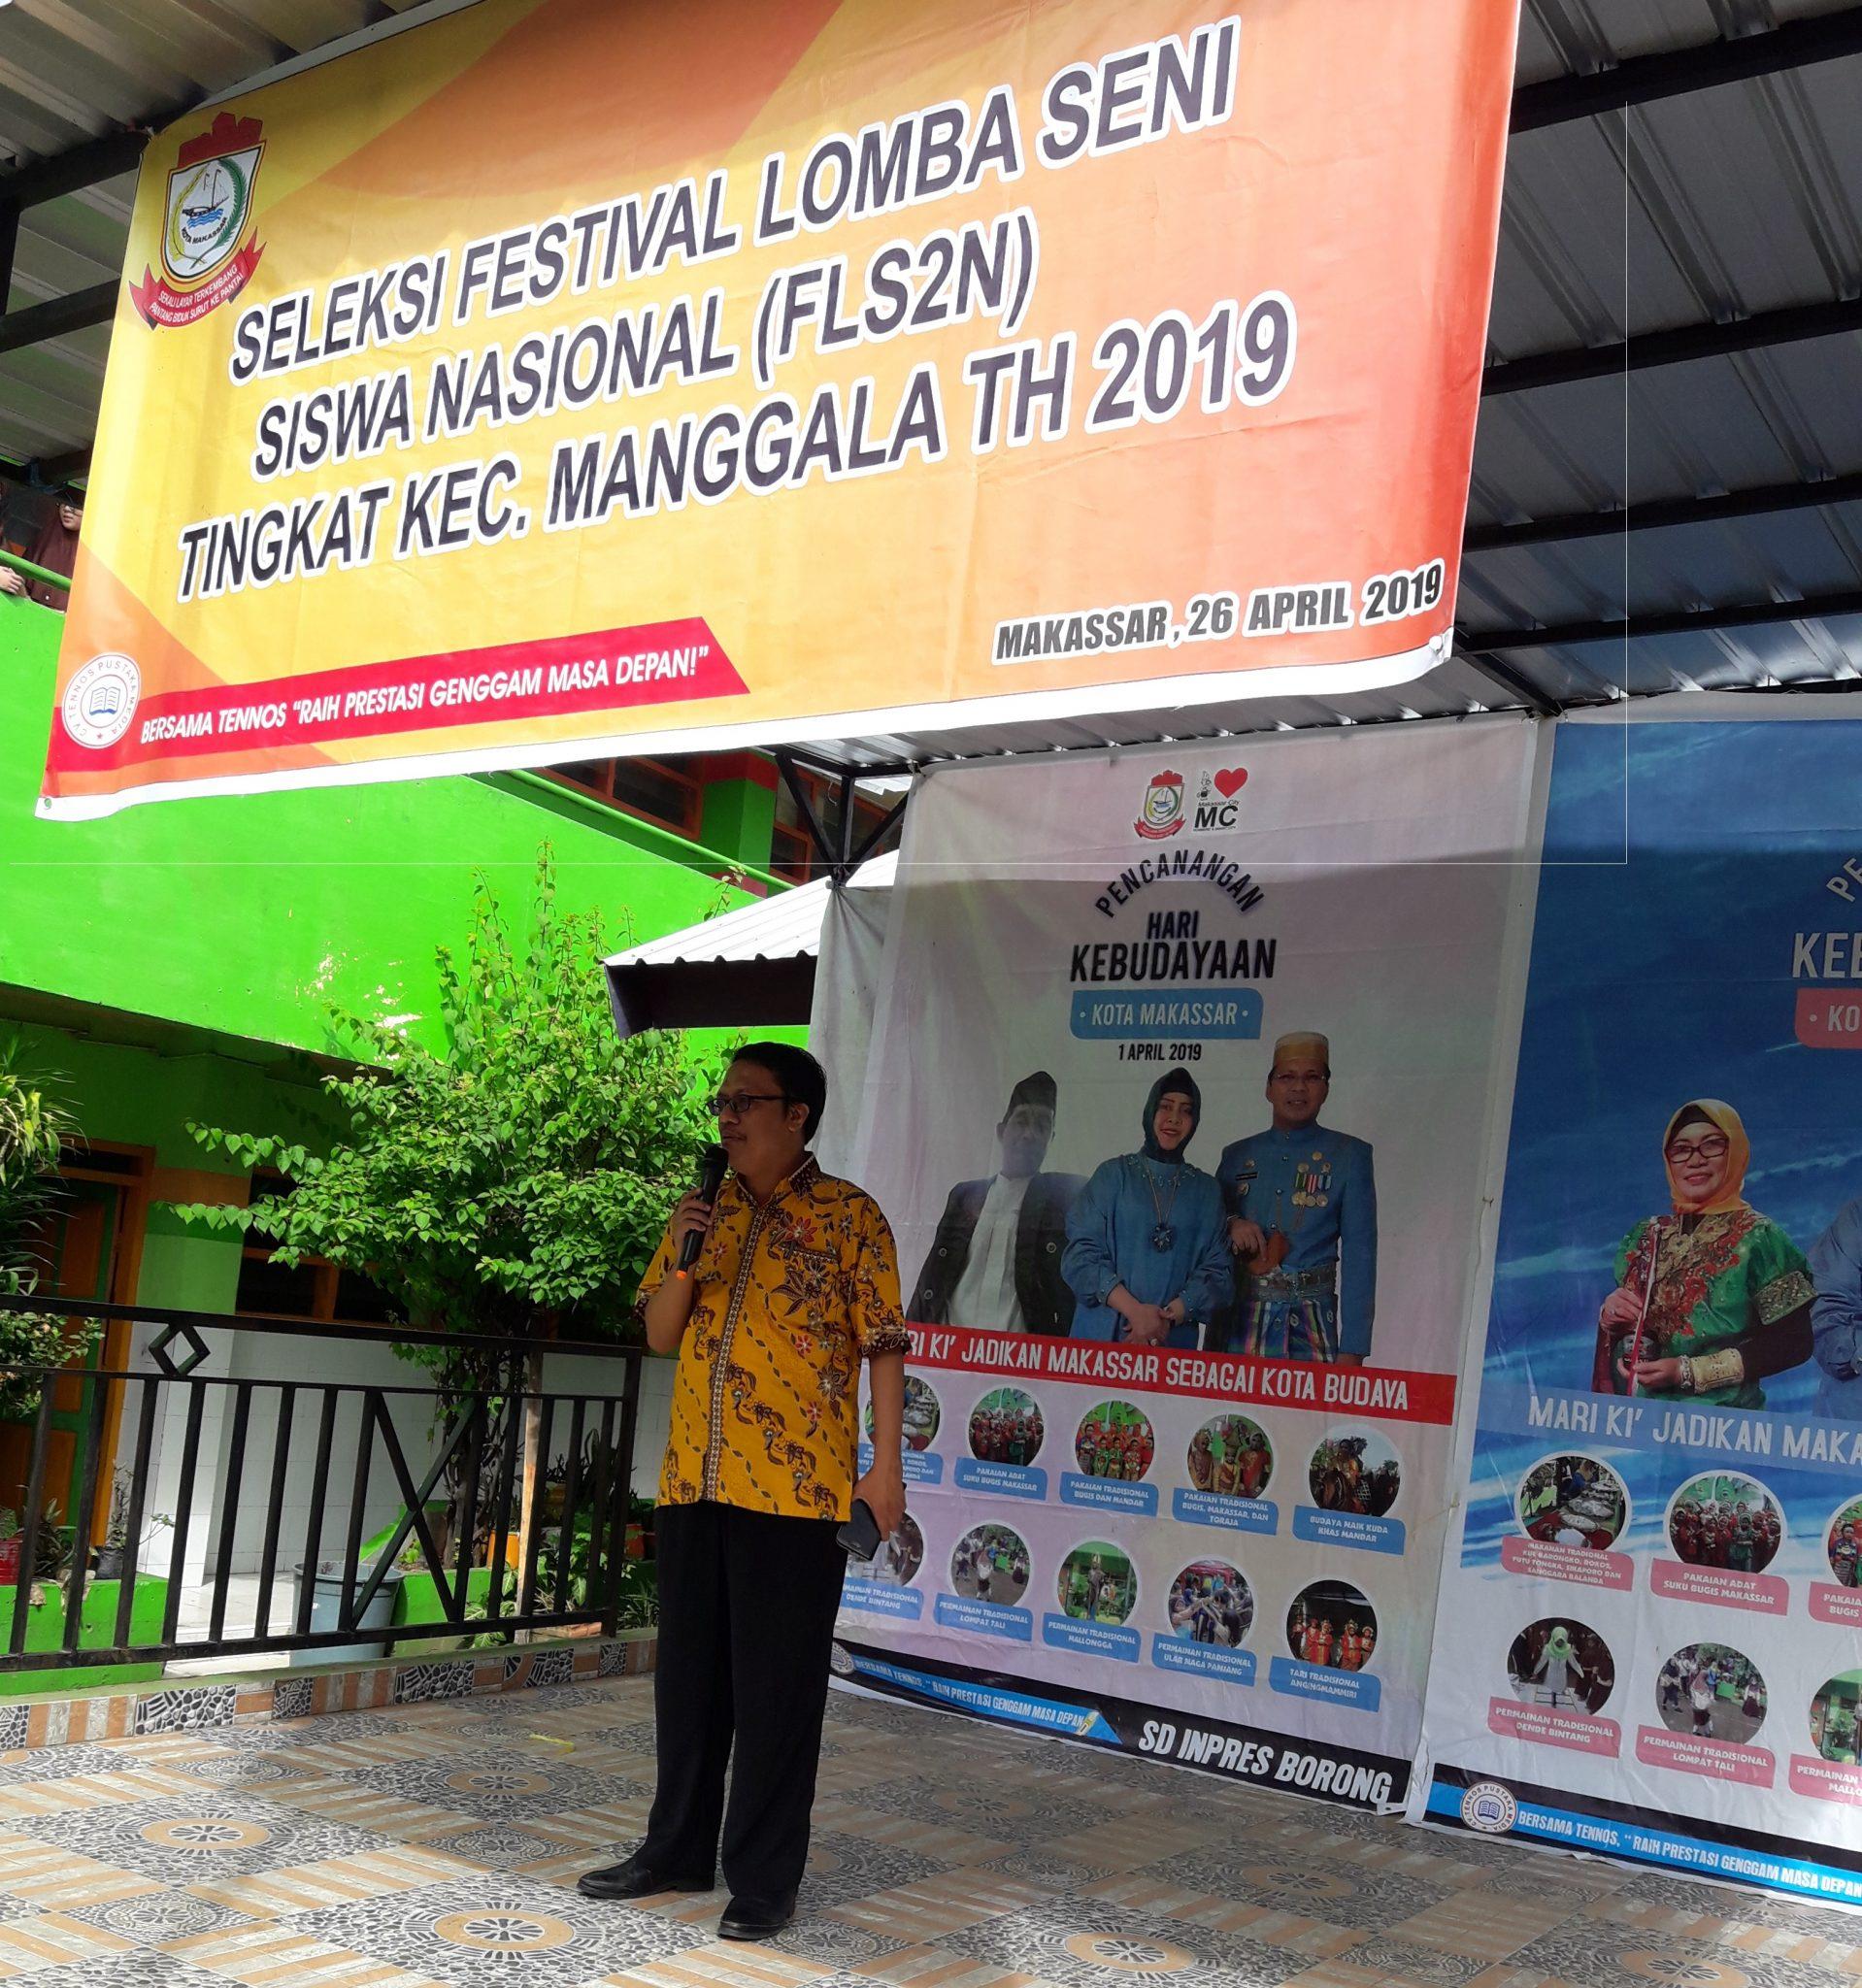 Seleksi FLS2N 2019 diikuti siswa SD se-Kecamatan Manggala